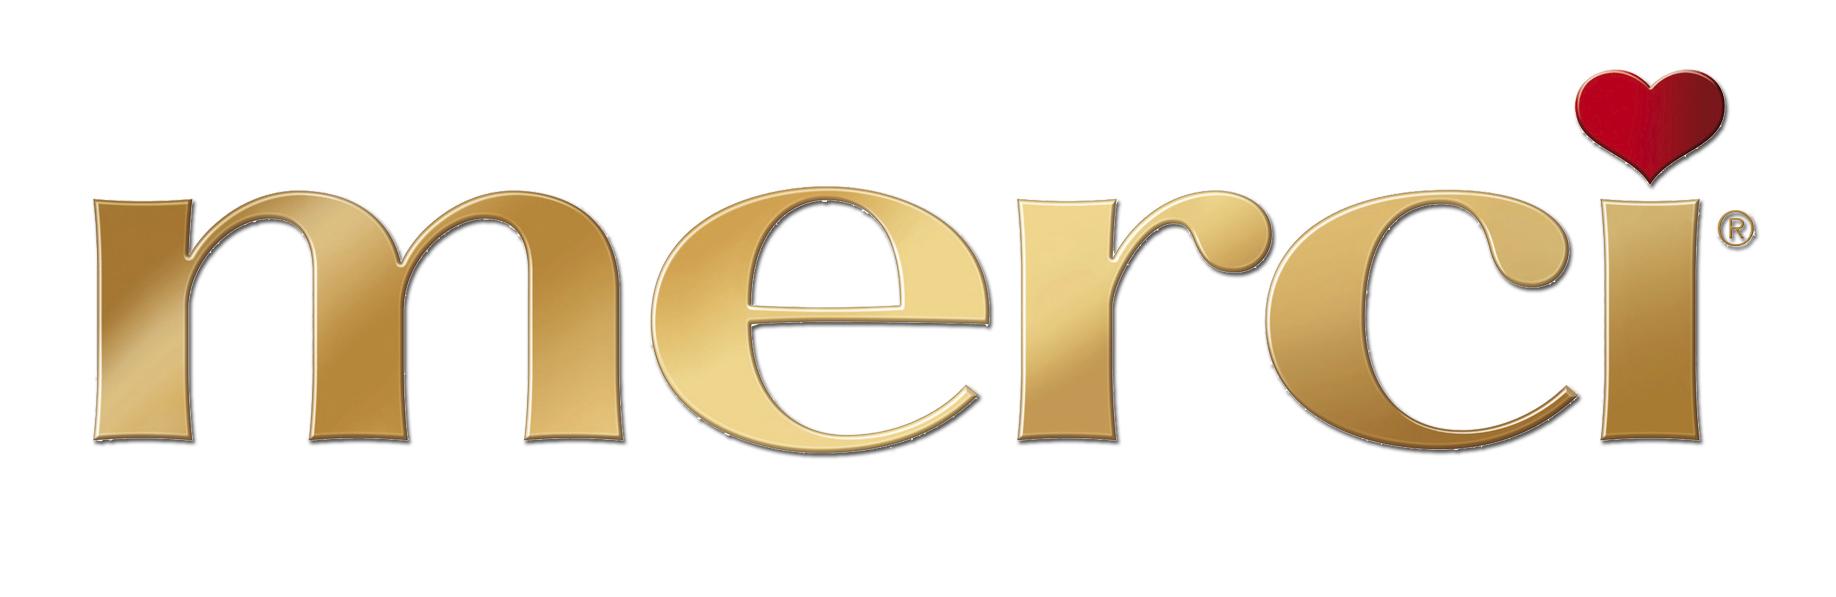 merci logo 2014 300dpi.jpg